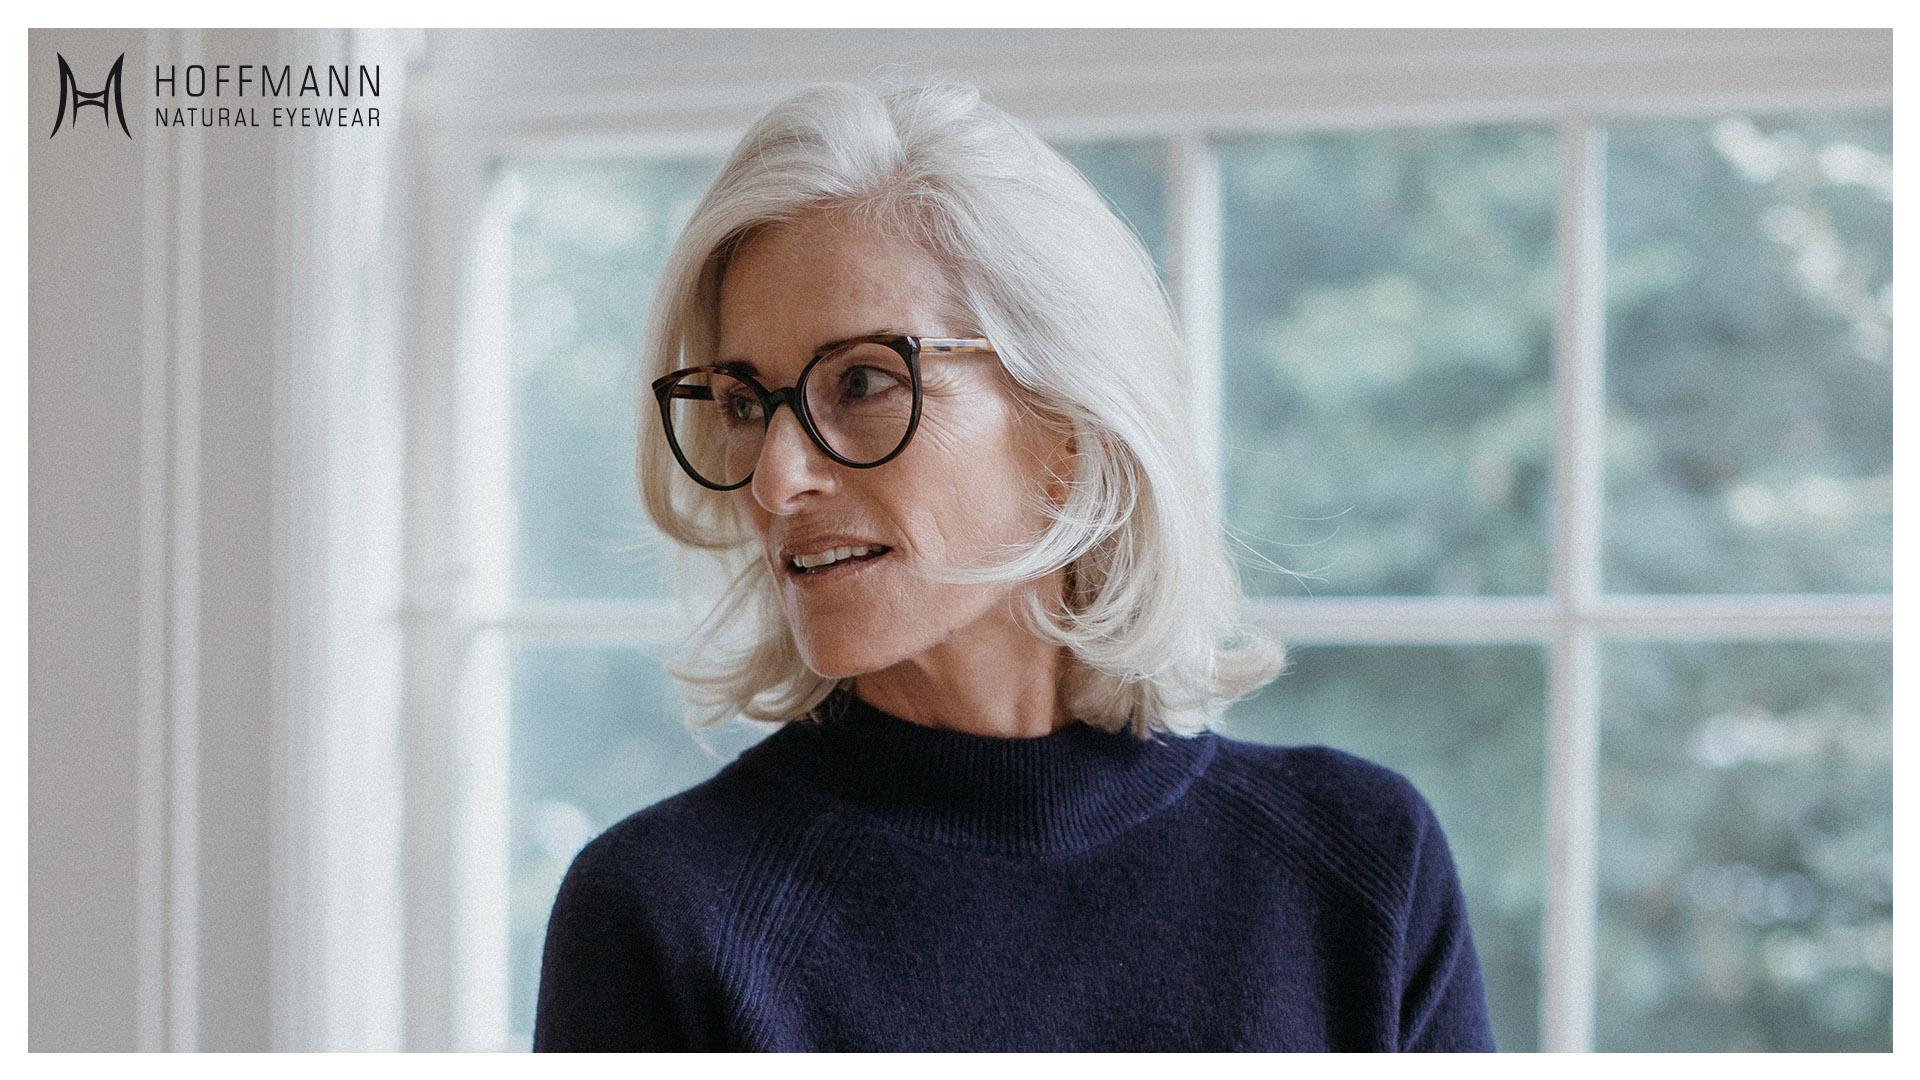 Nahaufnahme von einem älteren Female Model mit schulterlangen, weißen Haaren vor einem Fenster stehend, das eine braune Hoffmann Natural Eyewear Brille trägt.